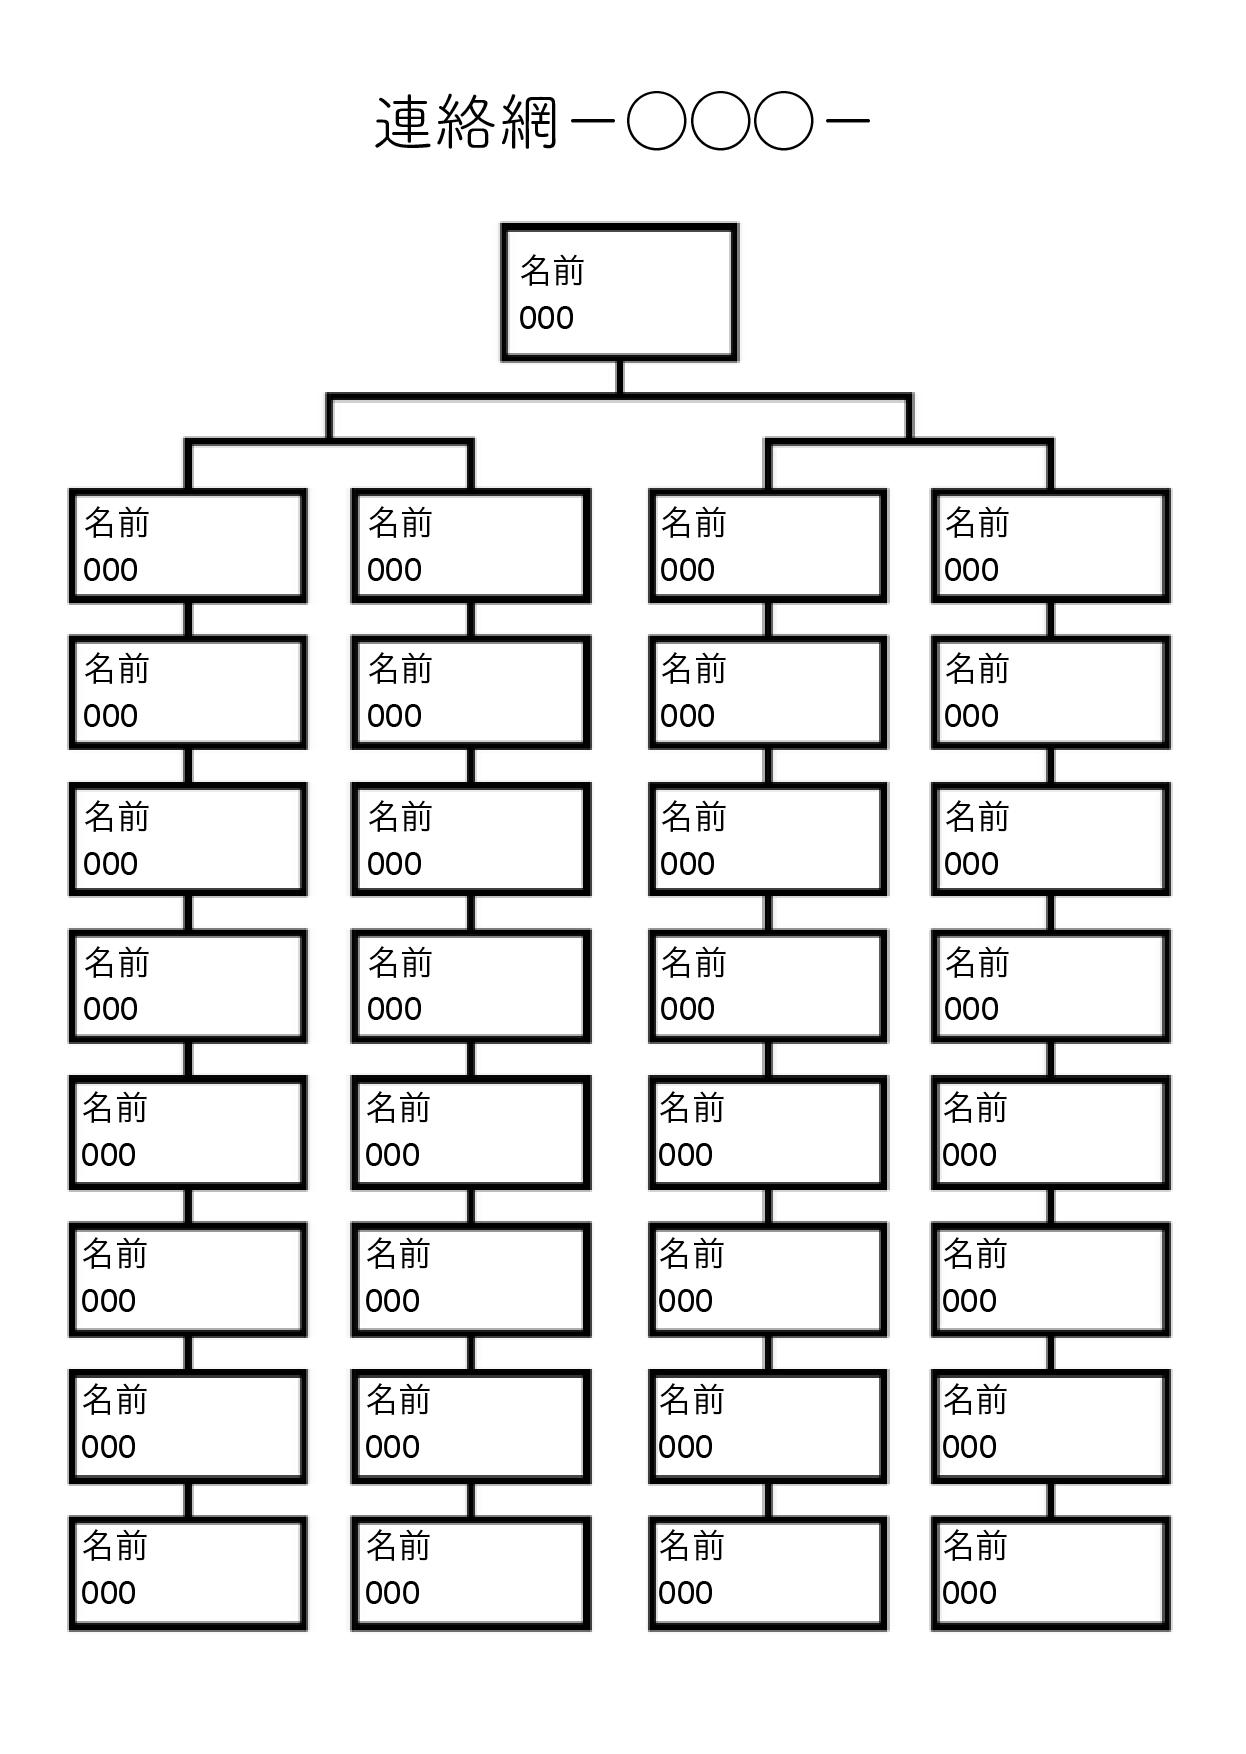 連絡網テンプレート基本の形 32人分+1人(大元)(ワード・ページズ)